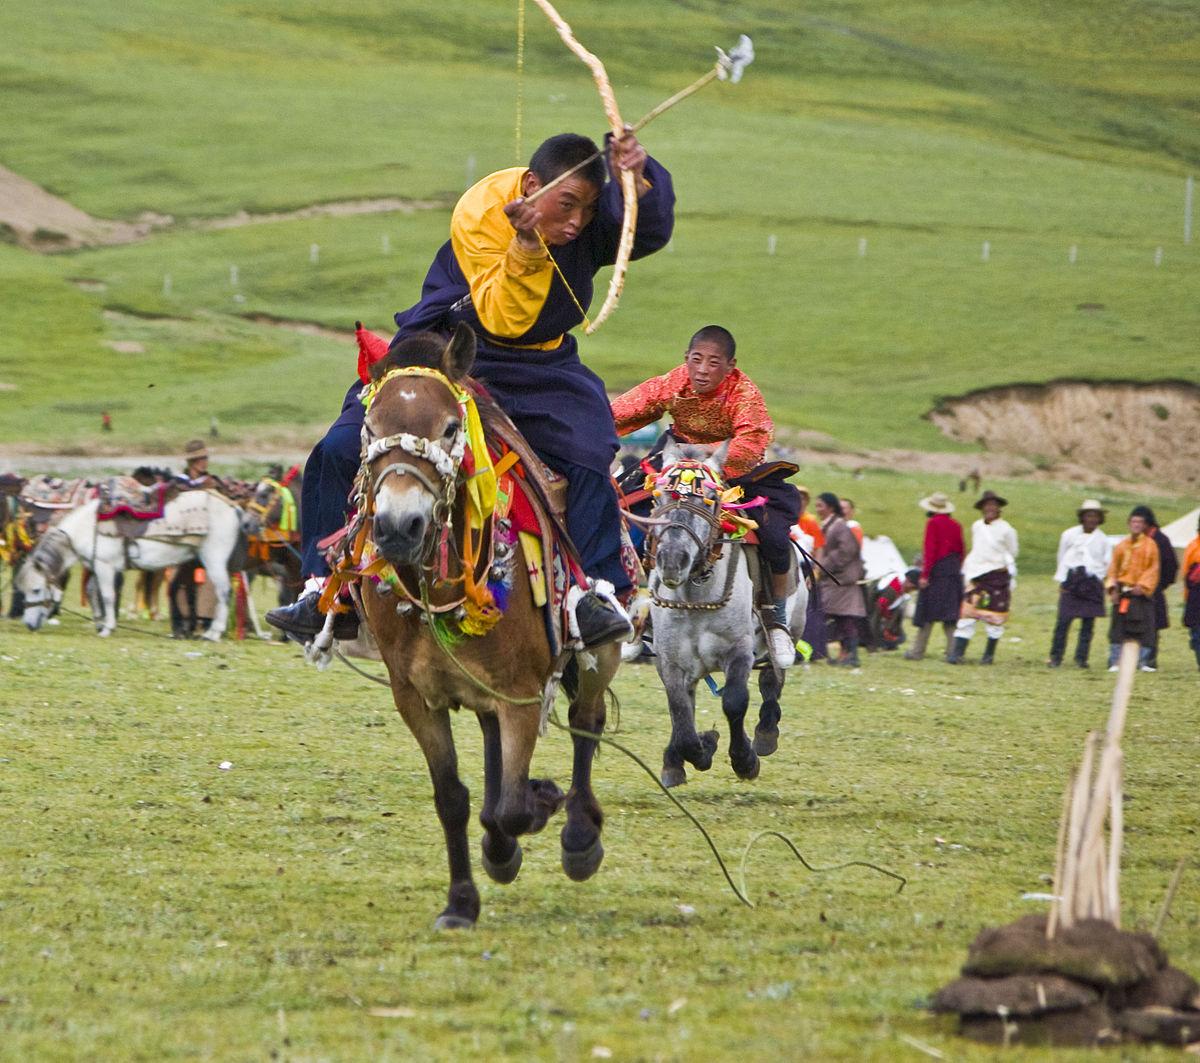 Mounted archery - Wikipedia